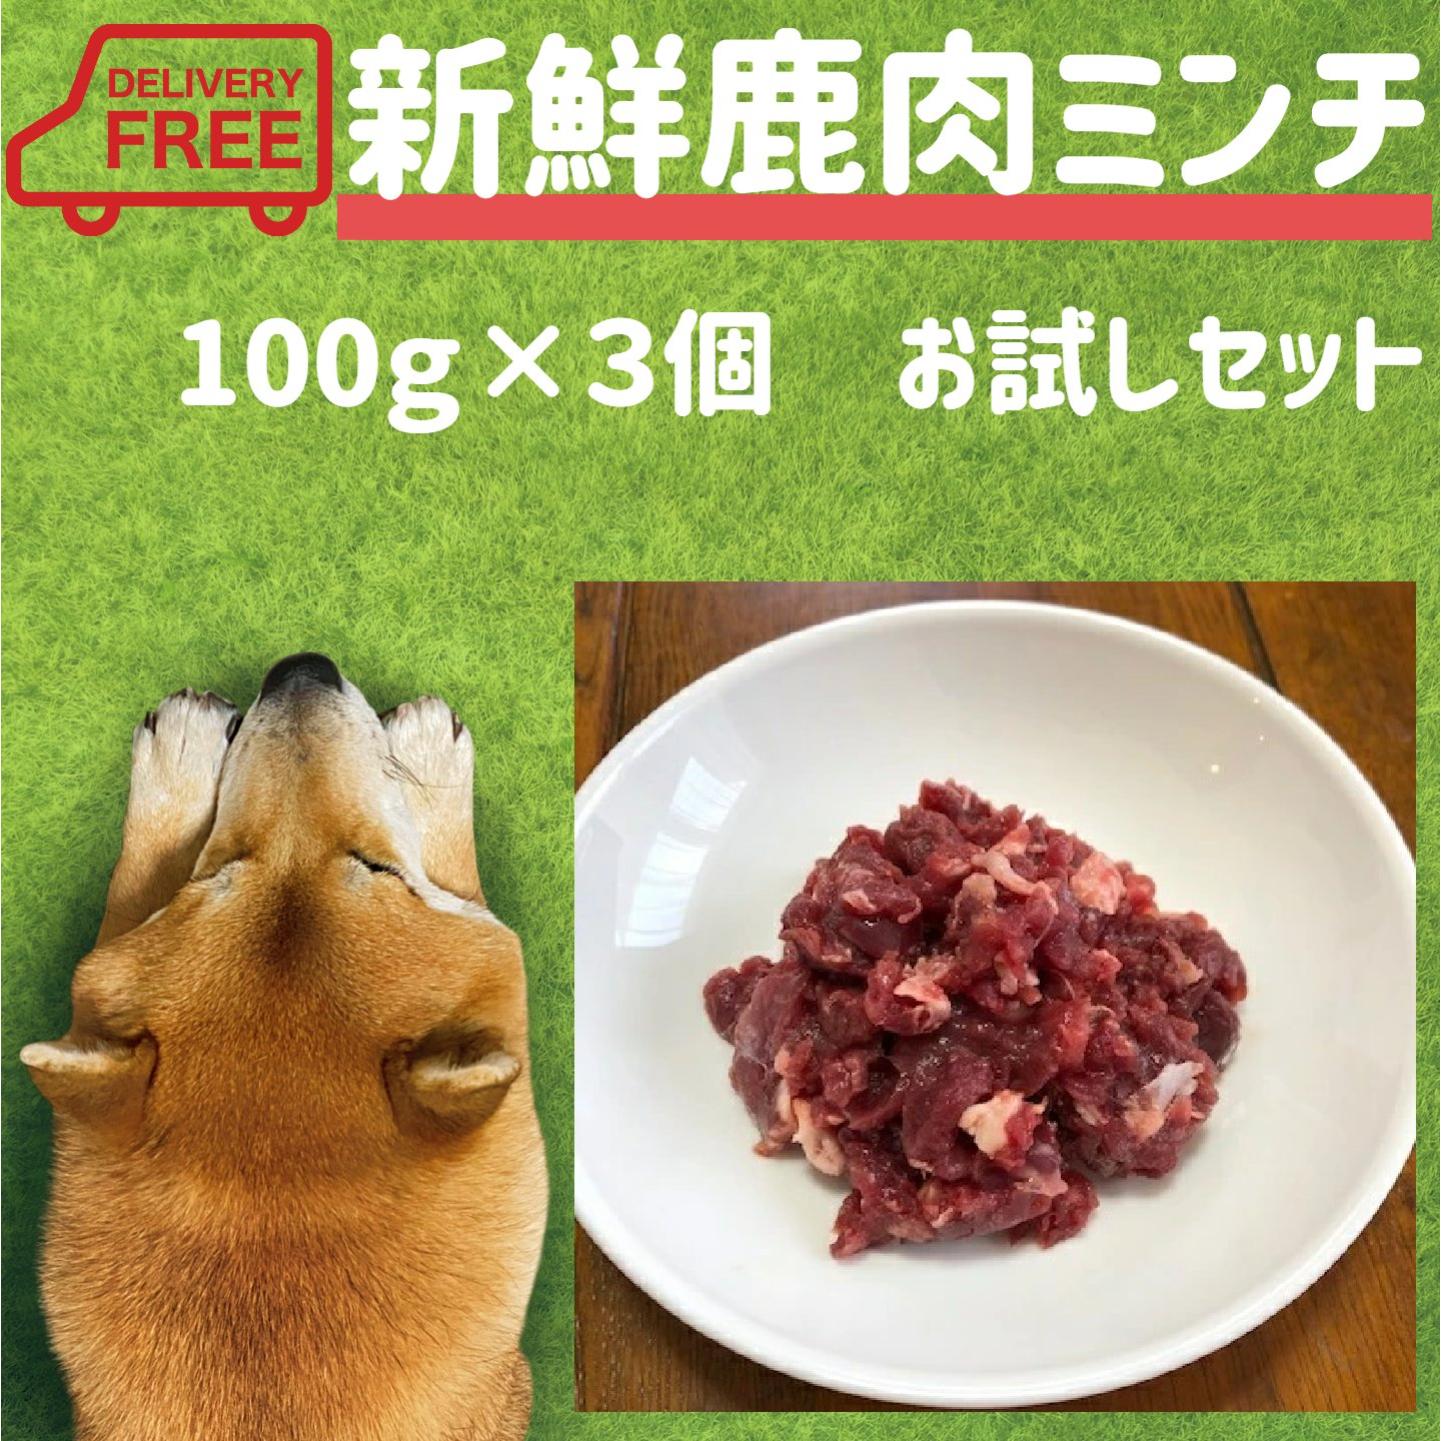 愛犬がご飯を食べない 食欲がないとお悩みの方にお勧めの生鹿肉 ドッグフードのトッピングにも最適 使いやすい小袋タイプ 送料無料でお試しに最適な新鮮鹿肉で美味しさも抜群です 犬 生肉 新鮮鹿肉ミンチ 100g×3個 送料無料 お試し 犬がご飯を食べない 食欲ない 全店販売中 わがまま おすすめ 人気 通販 小分け ごはん ミユドラ 栄養 歯石 食欲不振 生食 国産 ご飯 鹿 新作からSALEアイテム等お得な商品満載 小袋 手作り 小型犬 専門店 ドッグフード 消化 中型犬 老犬 ペットフード 高齢犬